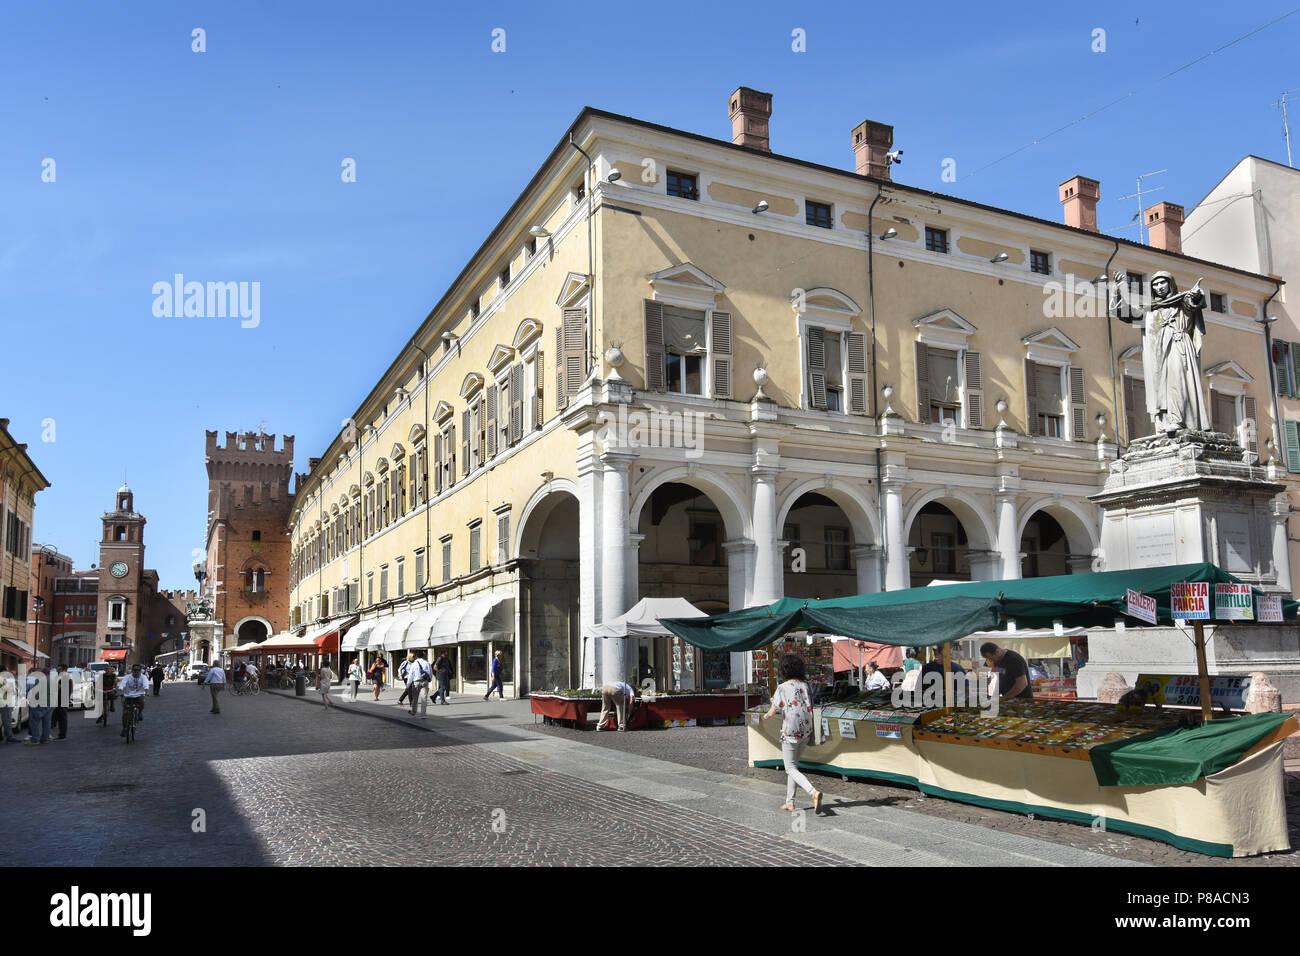 Corso Martiri della Libertà and Ferrara Town Hall, Ferrara ( Emilia-Romagna ) , northern Italy, capital Province of Ferrara, Italian. - Stock Image